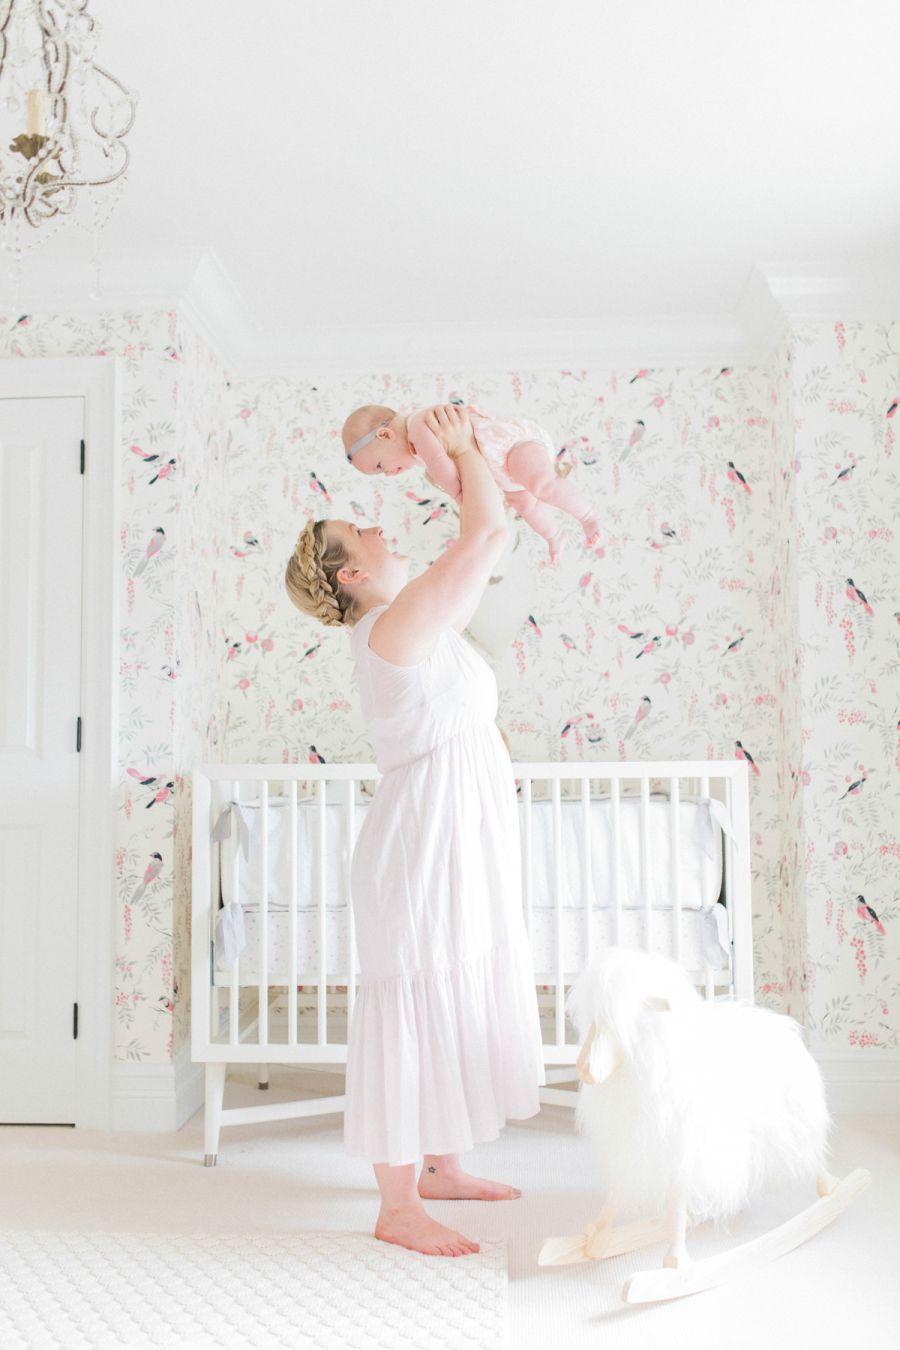 42-declaracoes-inspiradoras-maes05 40 Citações inspiradoras sobre mães  - Emoção e muito Amor